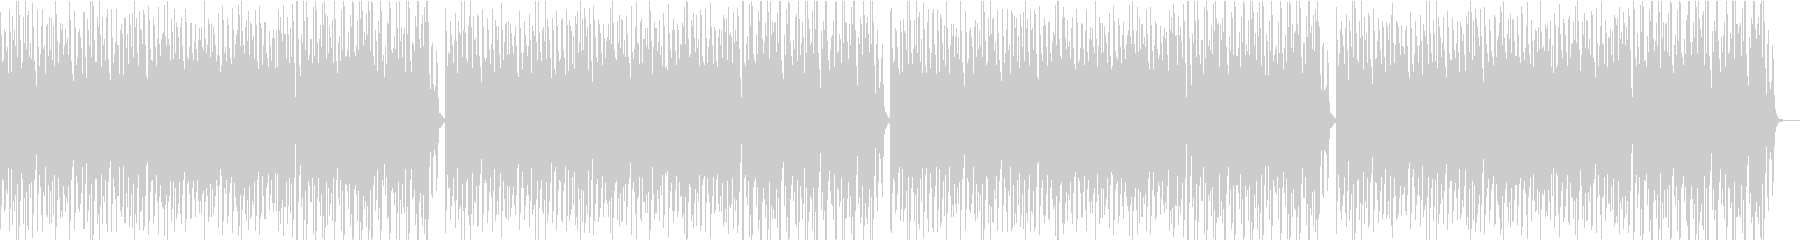 コミカルオーケストラの未再生の波形